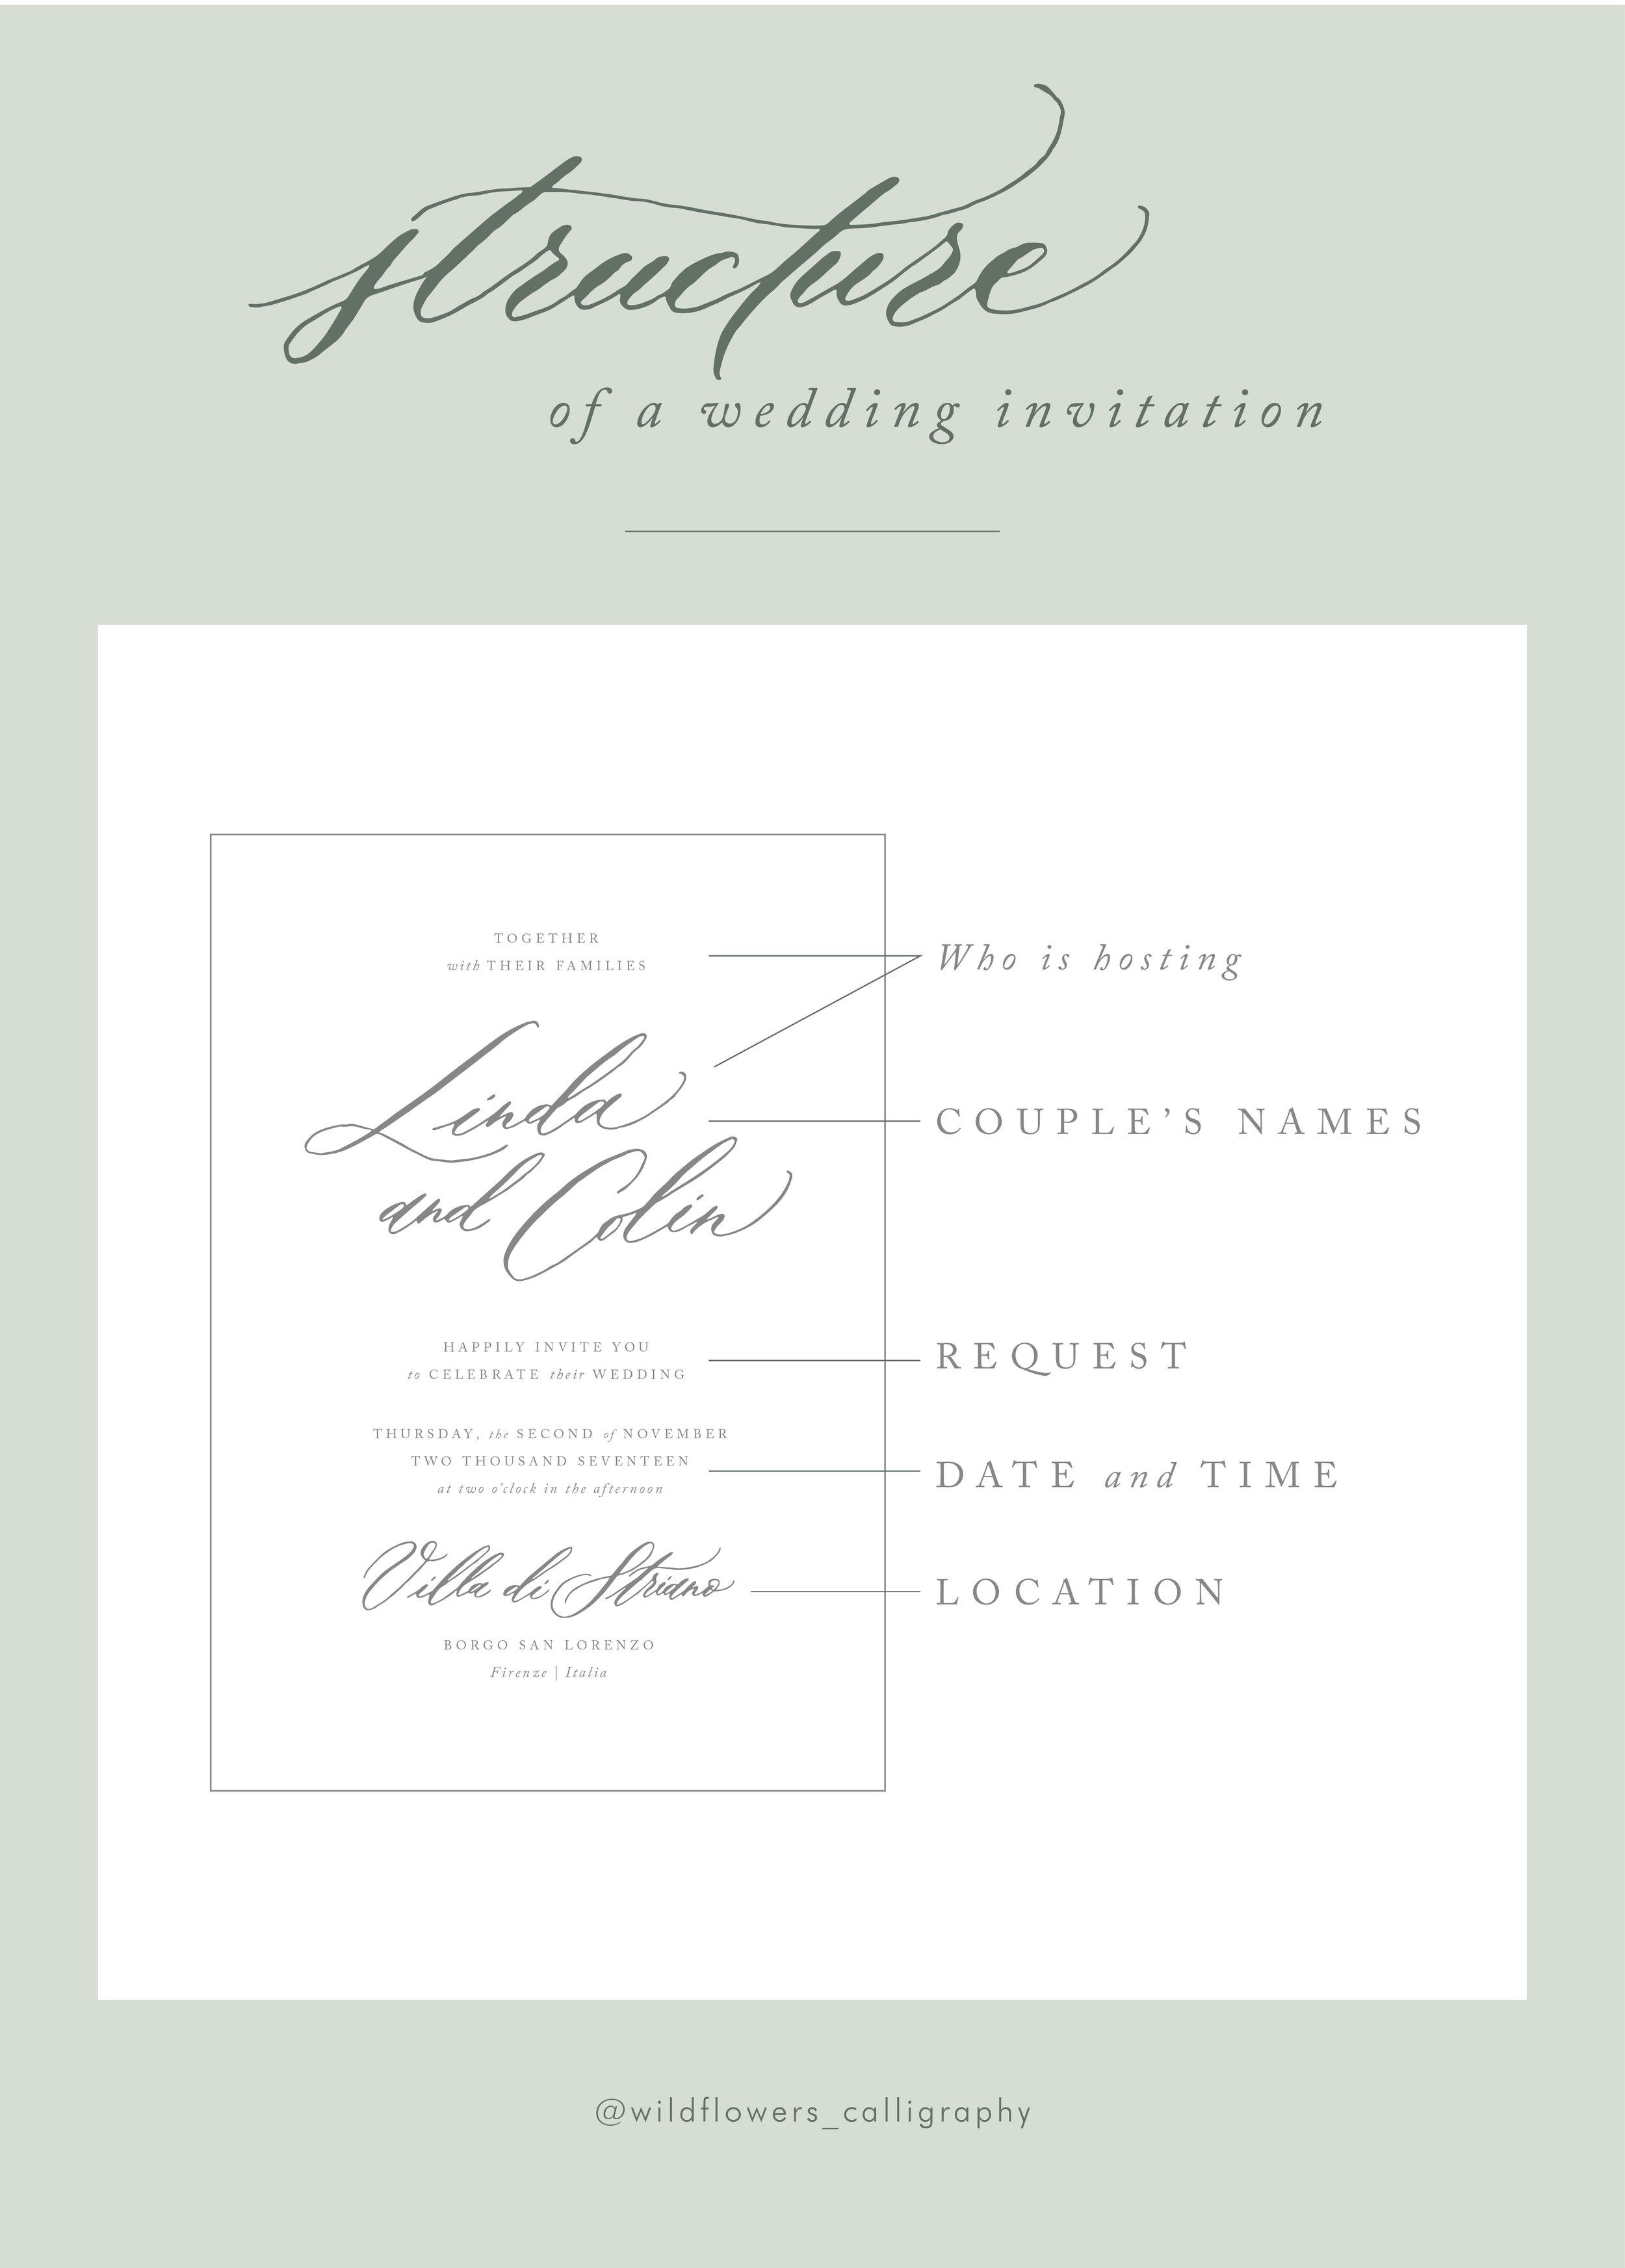 Formula Partecipazioni Matrimonio.Wildflowers Calligraphy Wedding Invitations 101 Cosa Scrivere